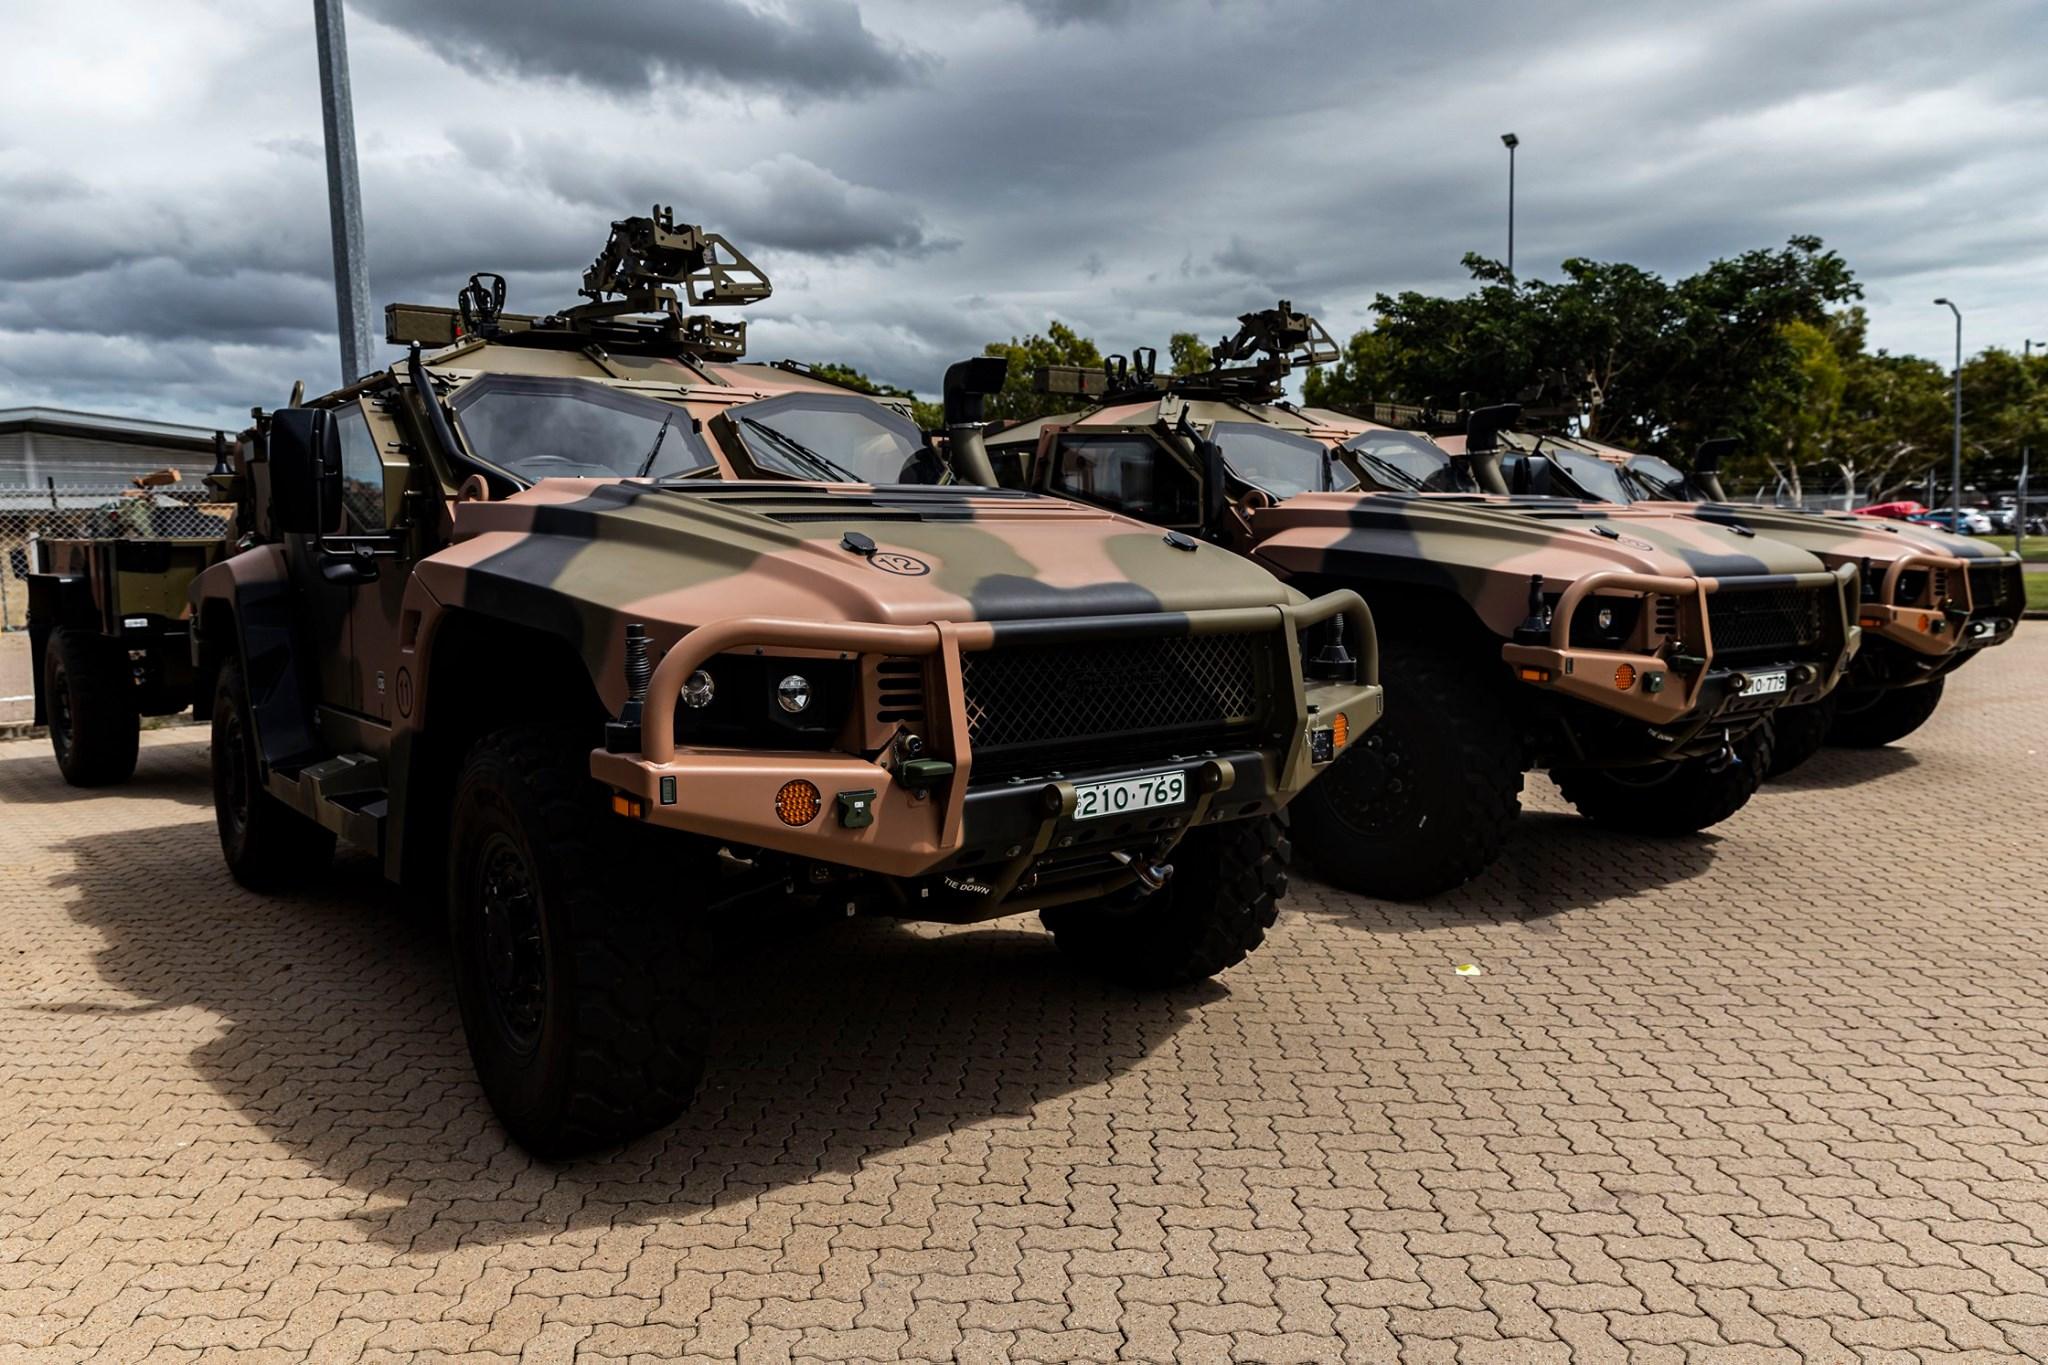 Армія Австралії отримала перші серійні легкі броньовані машини Hawkei